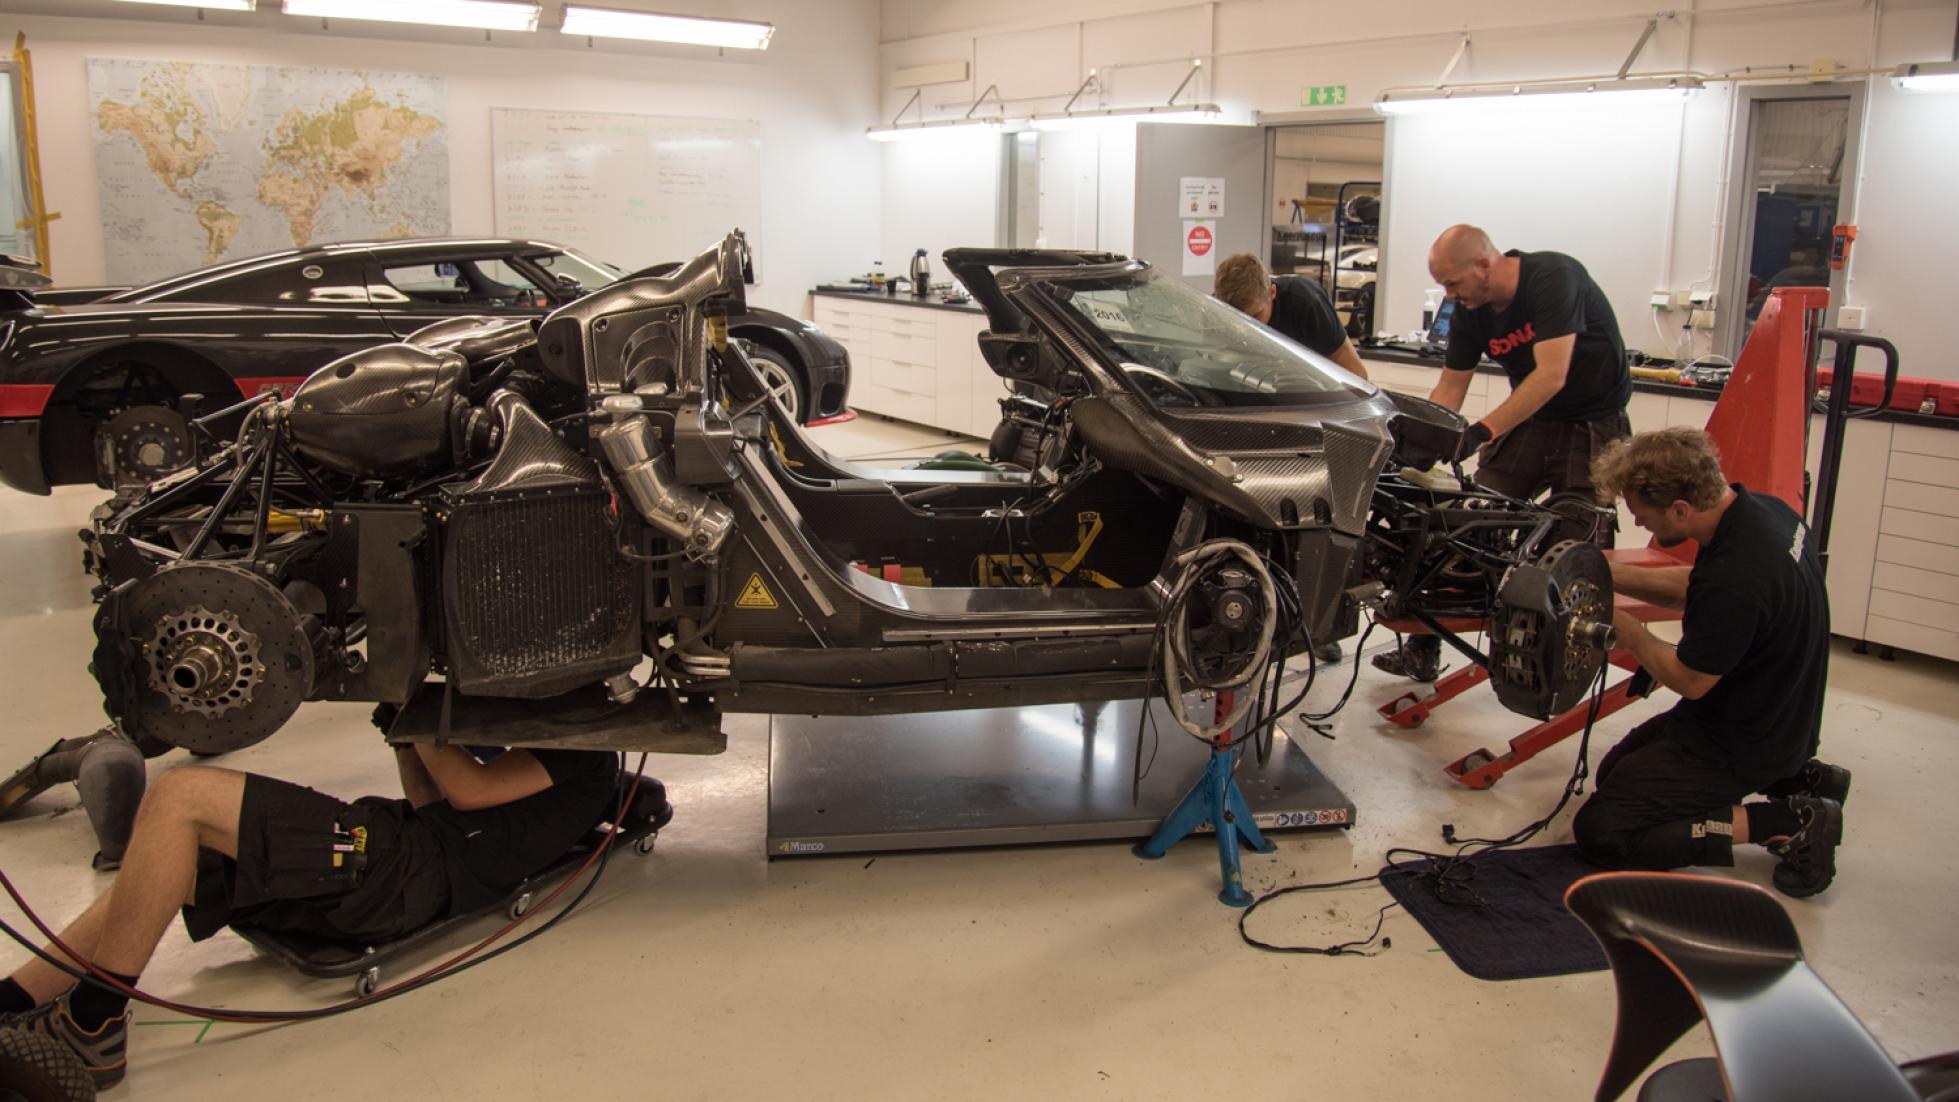 Los ingenieros, reconstruyendo el coche tras el accidente en Nürburgring del One:1